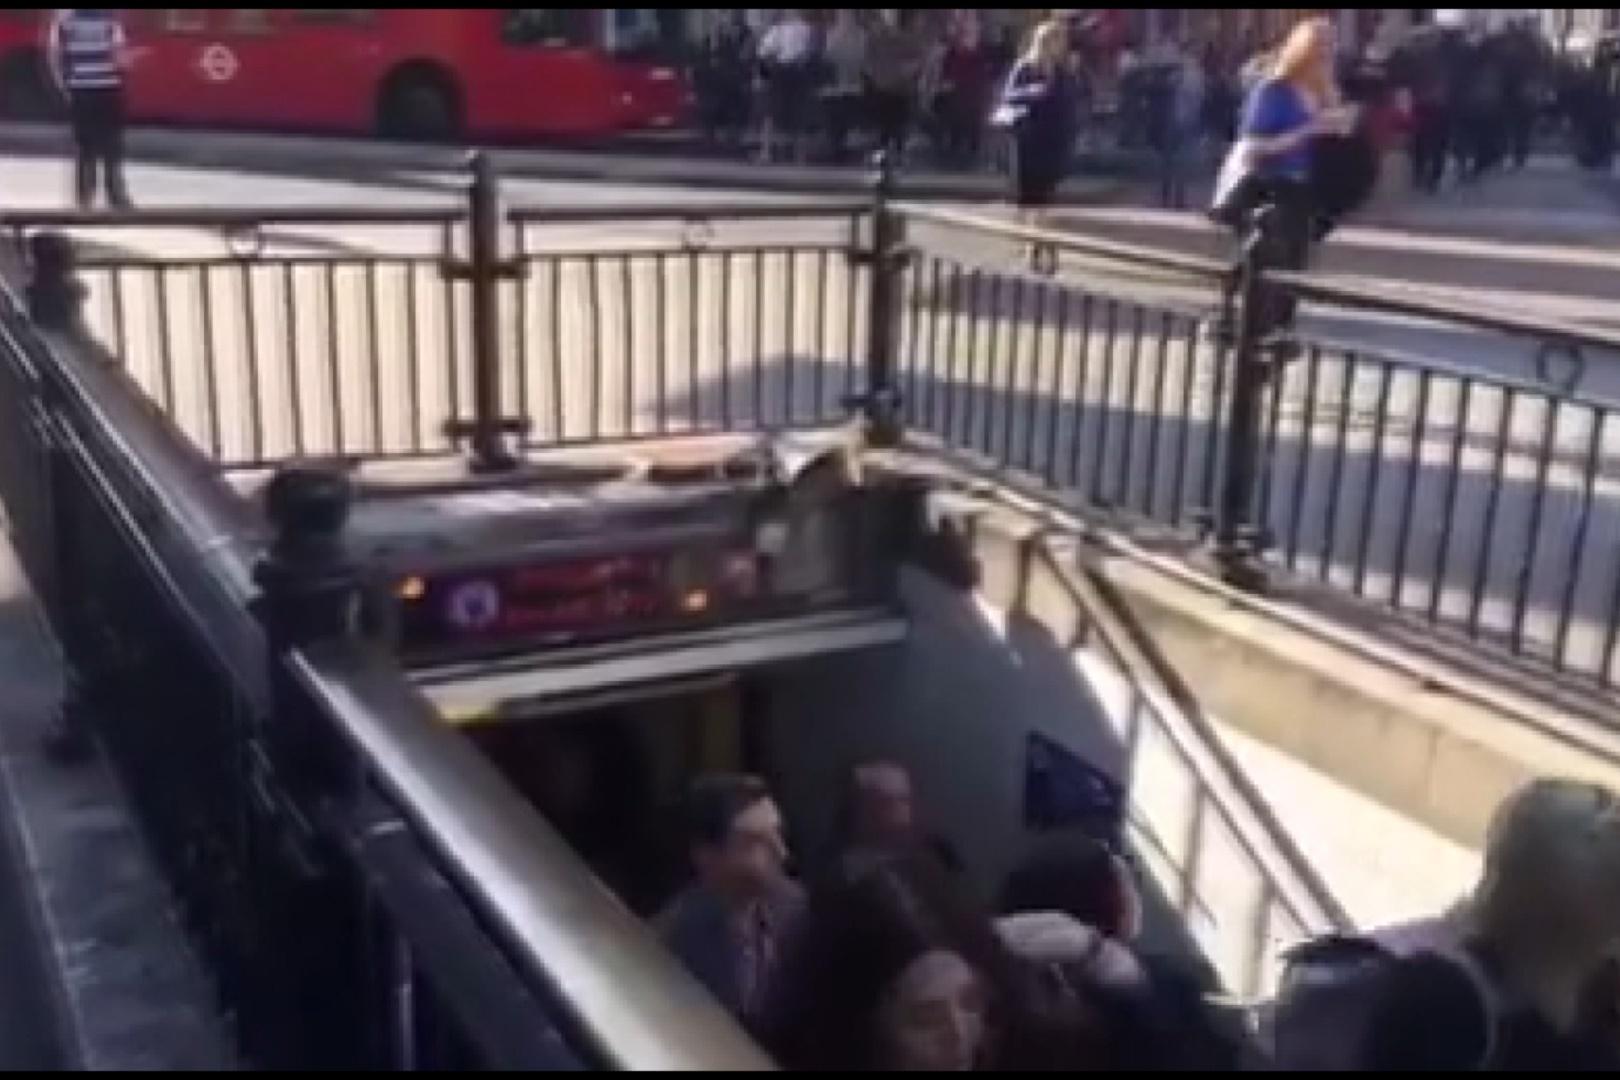 فیلم | آتشسوزی در متروی لندن | ایستگاه آکسفورد تخلیه شد